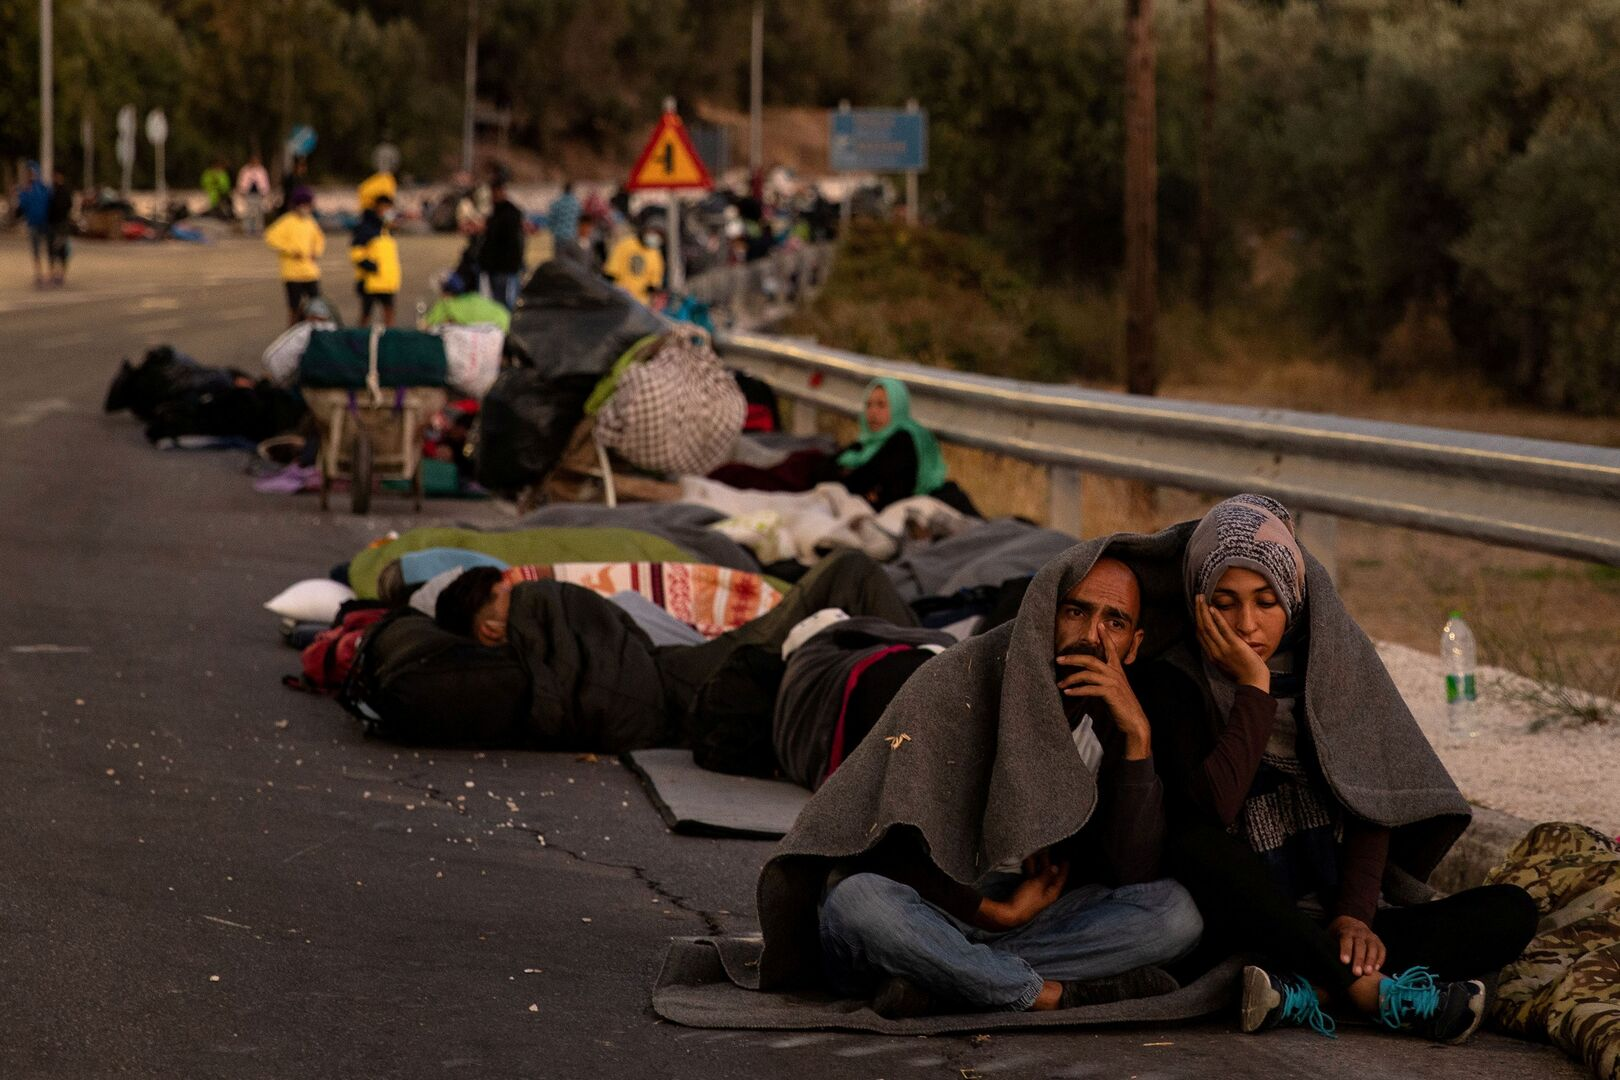 اليونان.. آلاف المهاجرين ينامون في العراء بعد احتراق مخيم